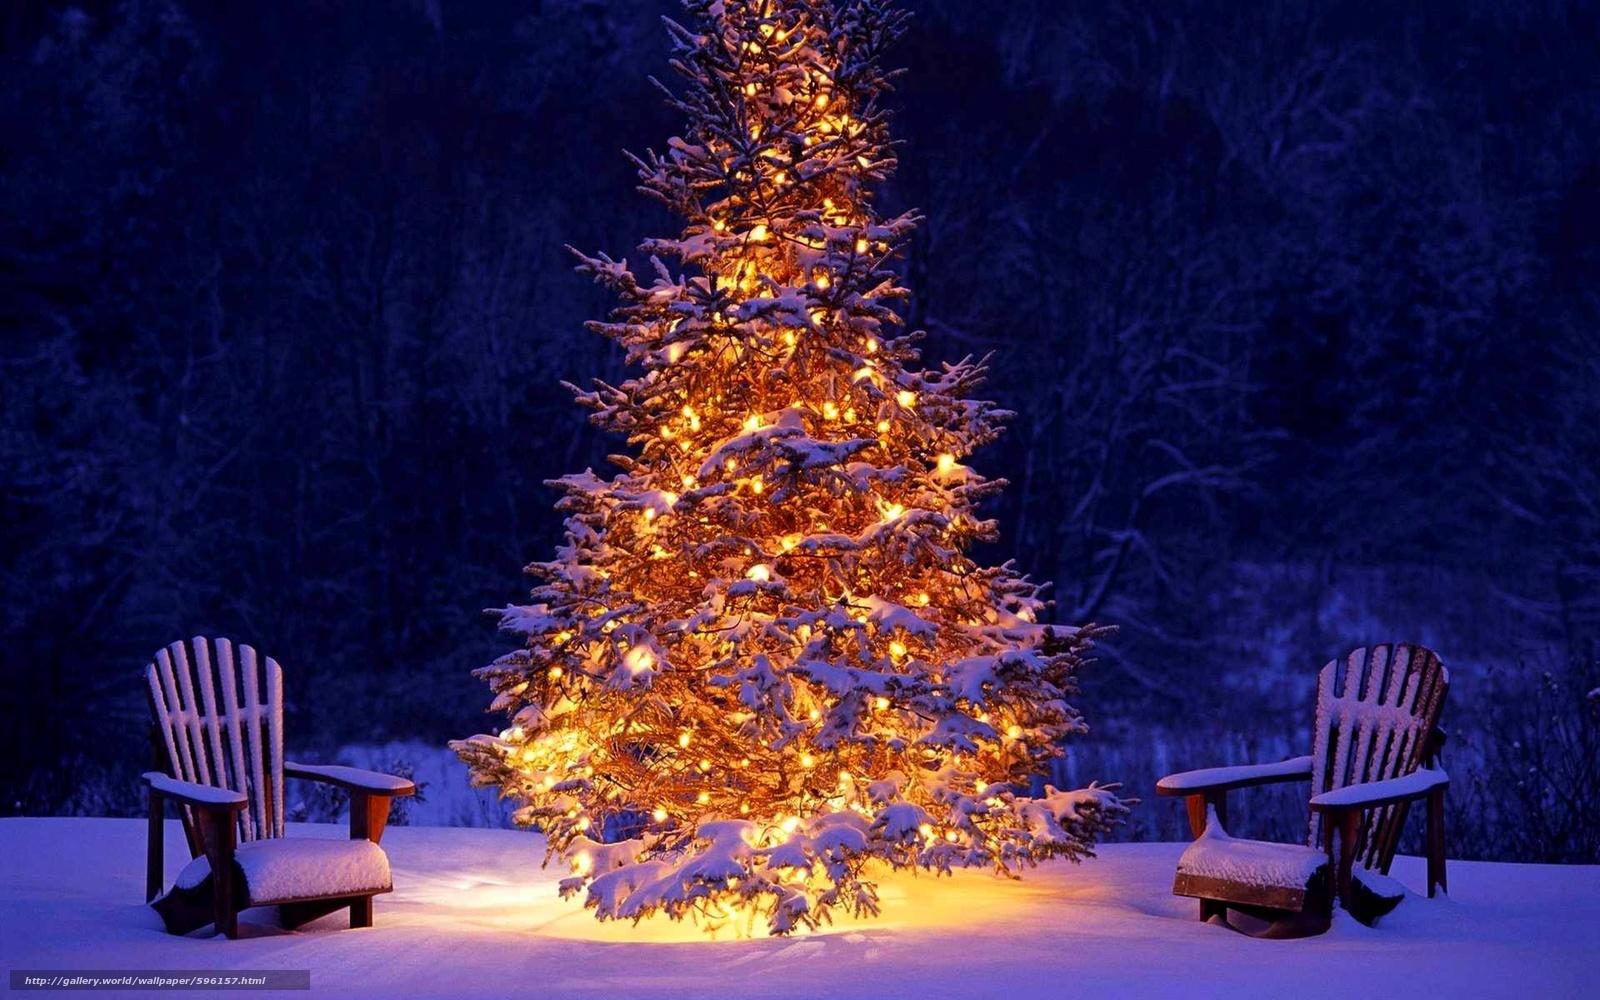 Download Hintergrund Weihnachten, Tannenbaum, Landschaft Freie ...